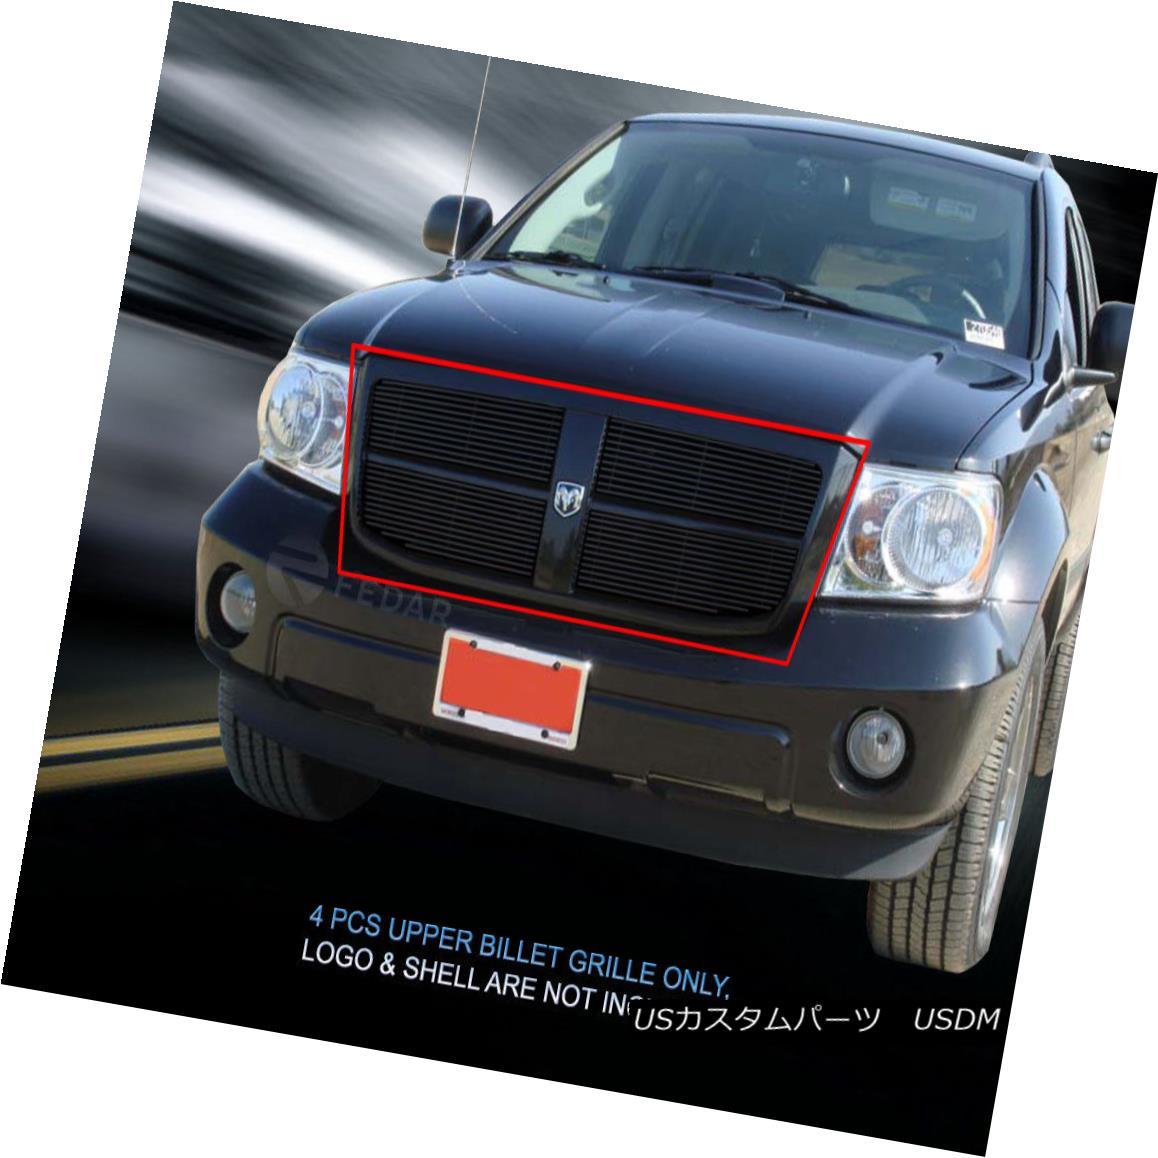 グリル Fedar Fits 07-10 Dodge Durango Black Billet Grille Overlay Fedar Fit 07-10 Dodge Durangoブラックビレットグリルオーバーレイ